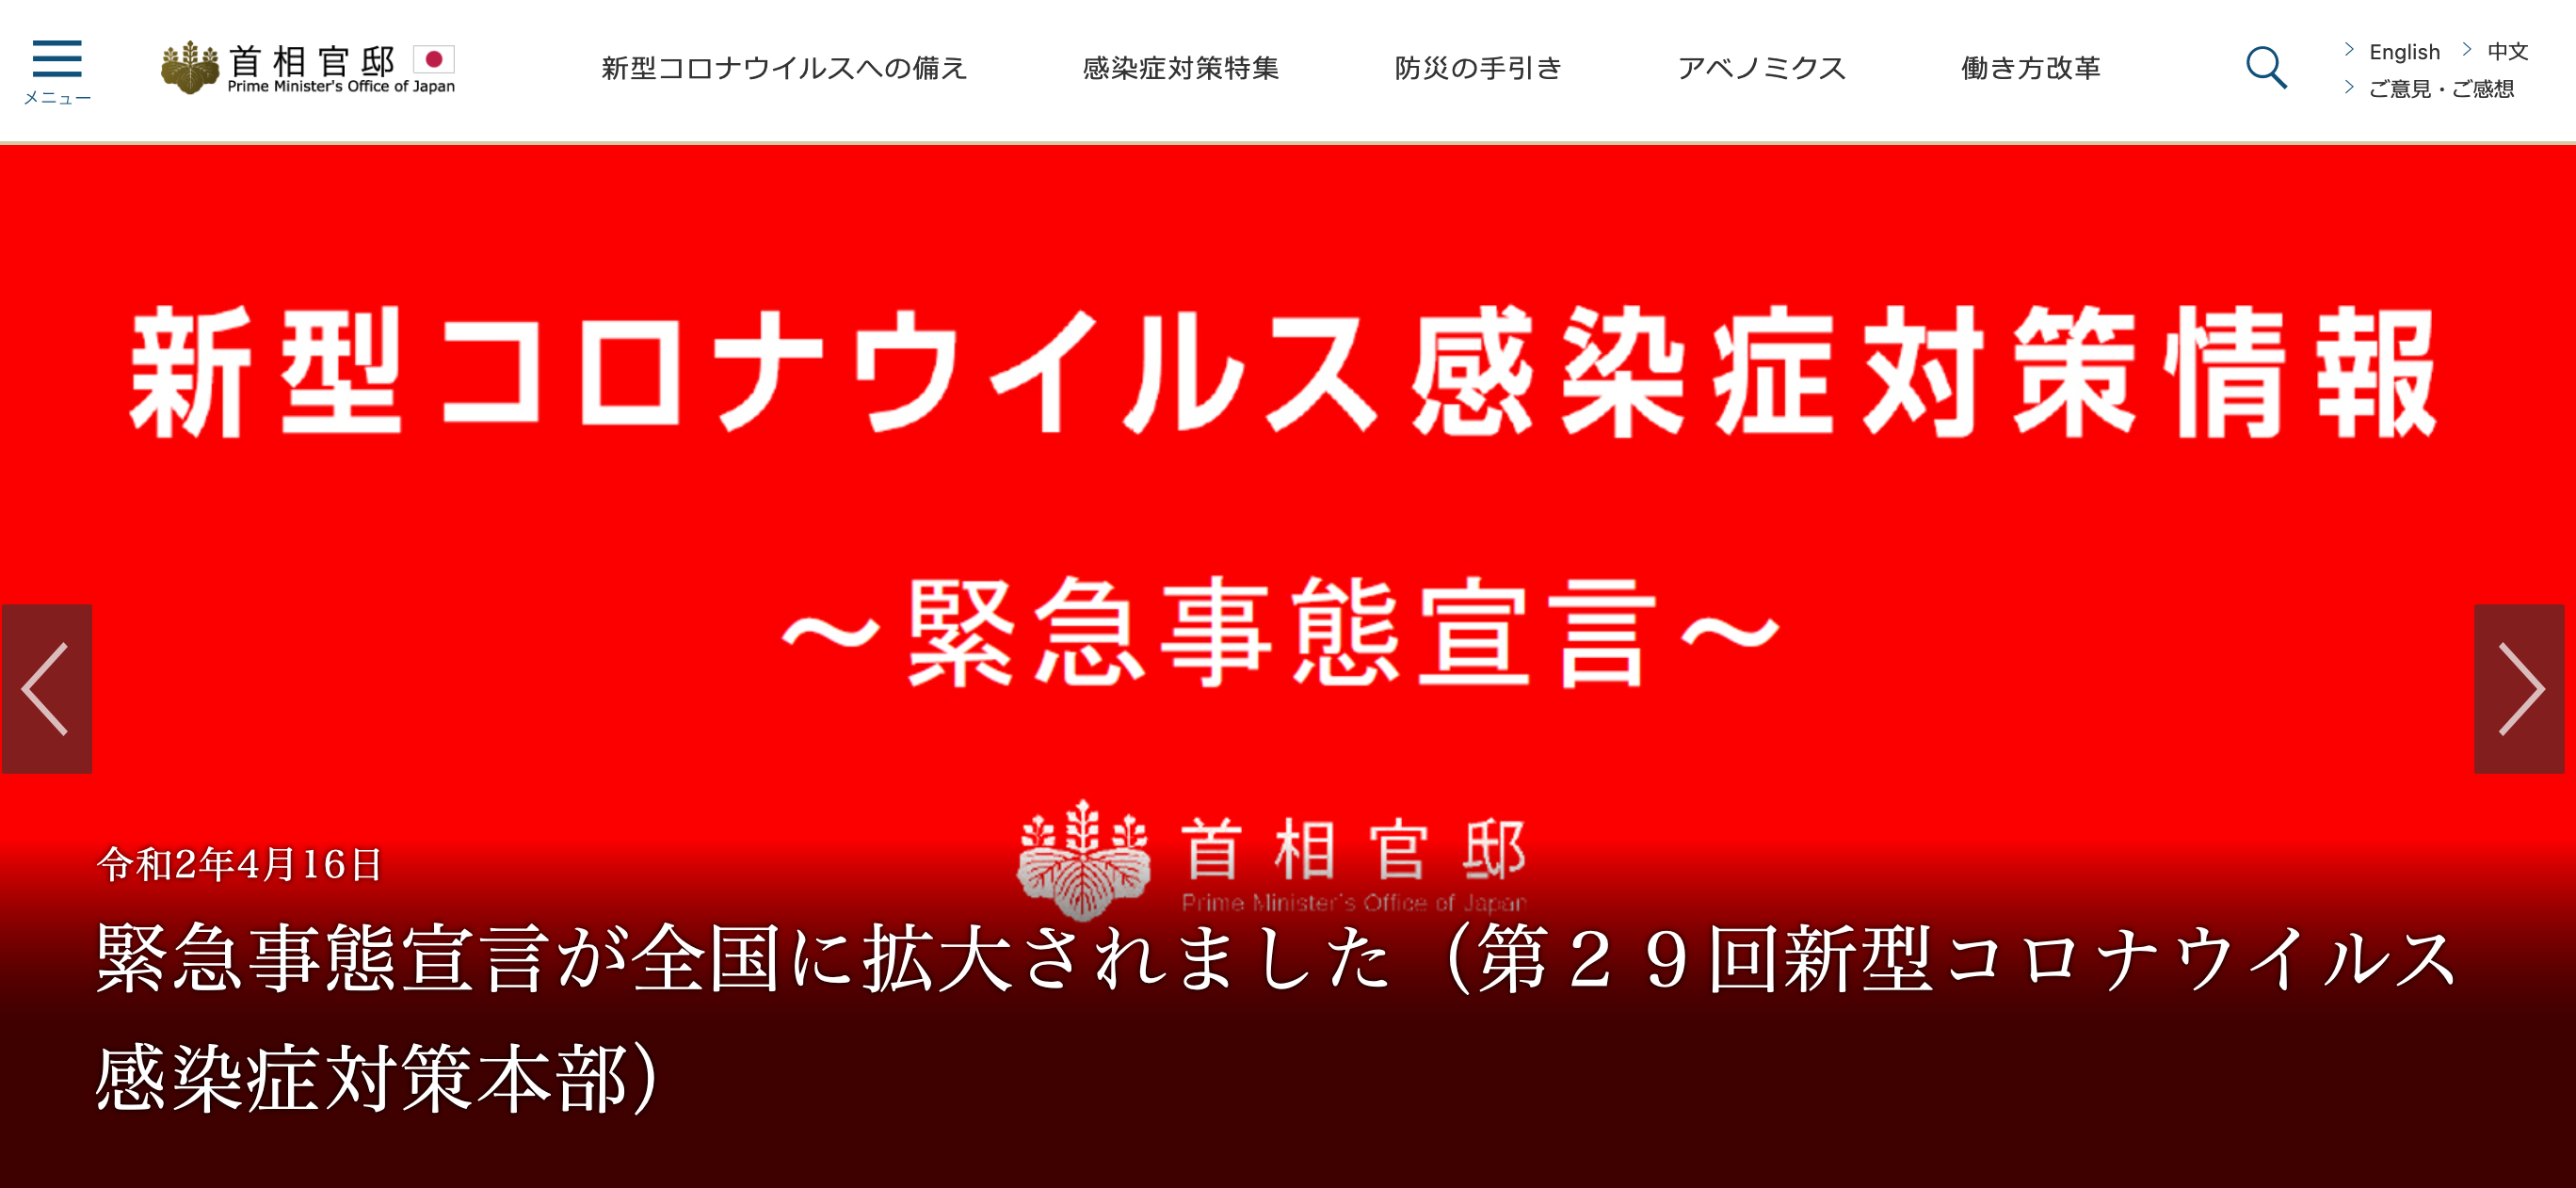 日本首相安倍晉三因武漢肺炎疫情所宣布的緊急事態宣言(圖/首相官邸)